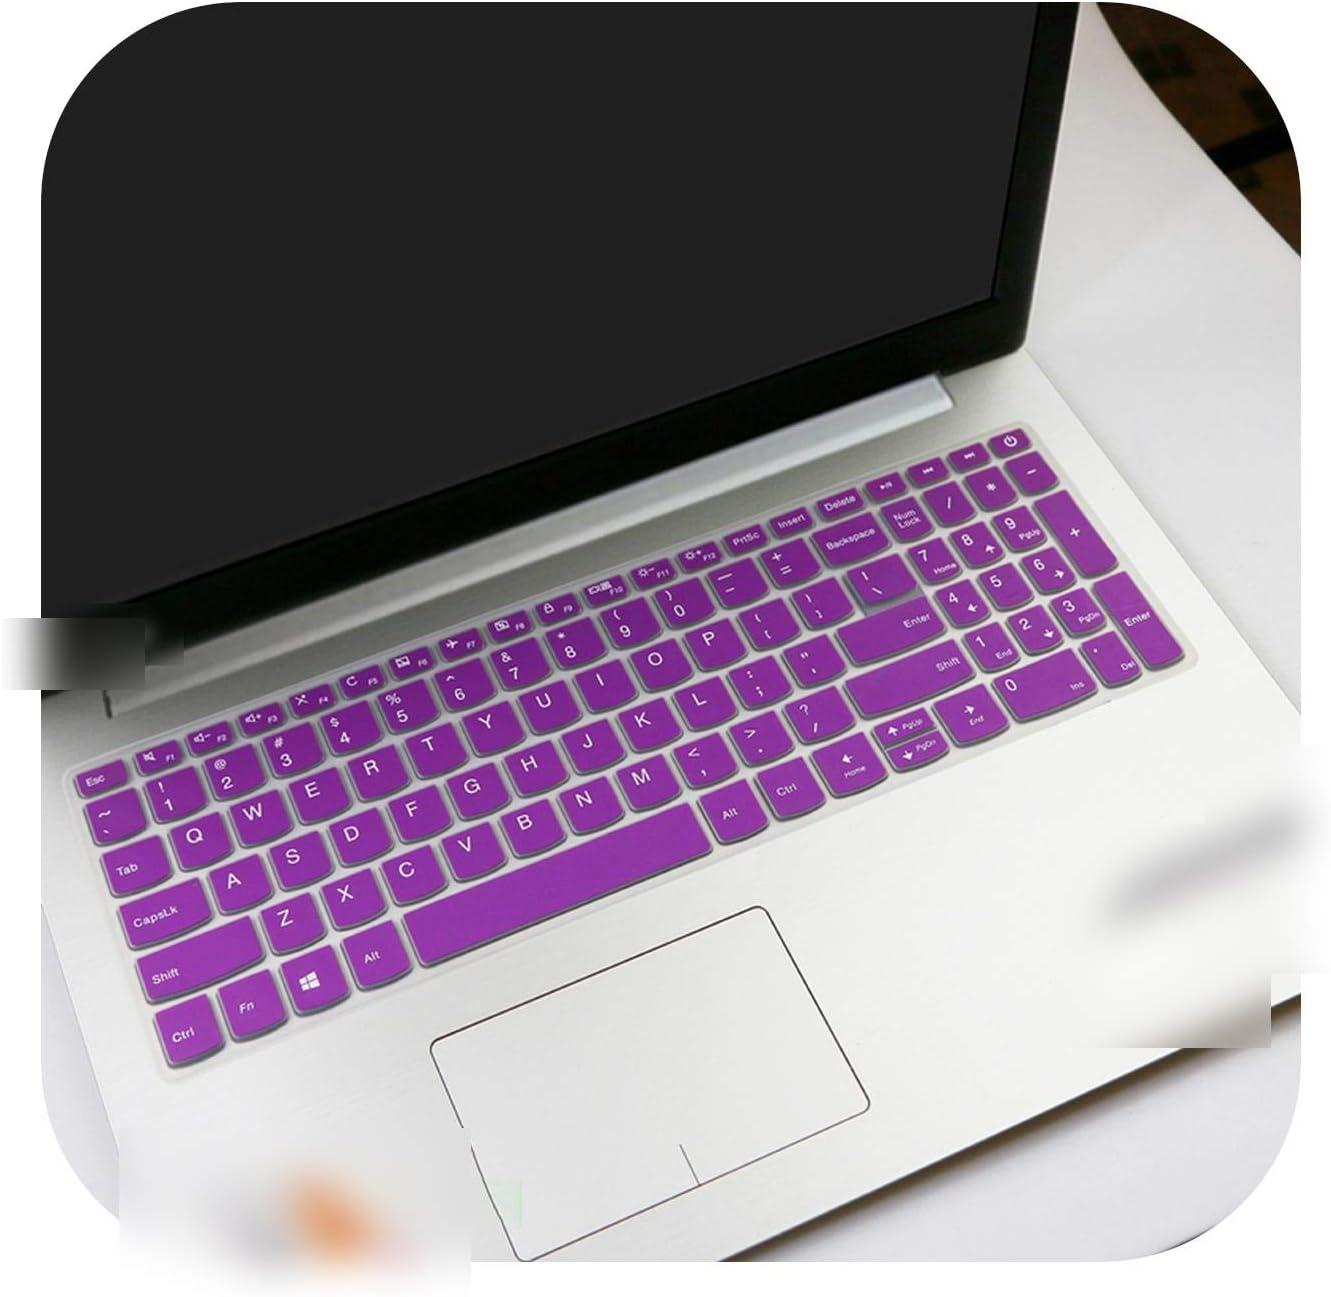 for Lenovo Ideapad V130 V130 15Igm V130 15Ikb V730 520 15Ikb Flex 5 15.6 15 15.6 Inch Laptop Keyboard Cover Skin Protector-Purple